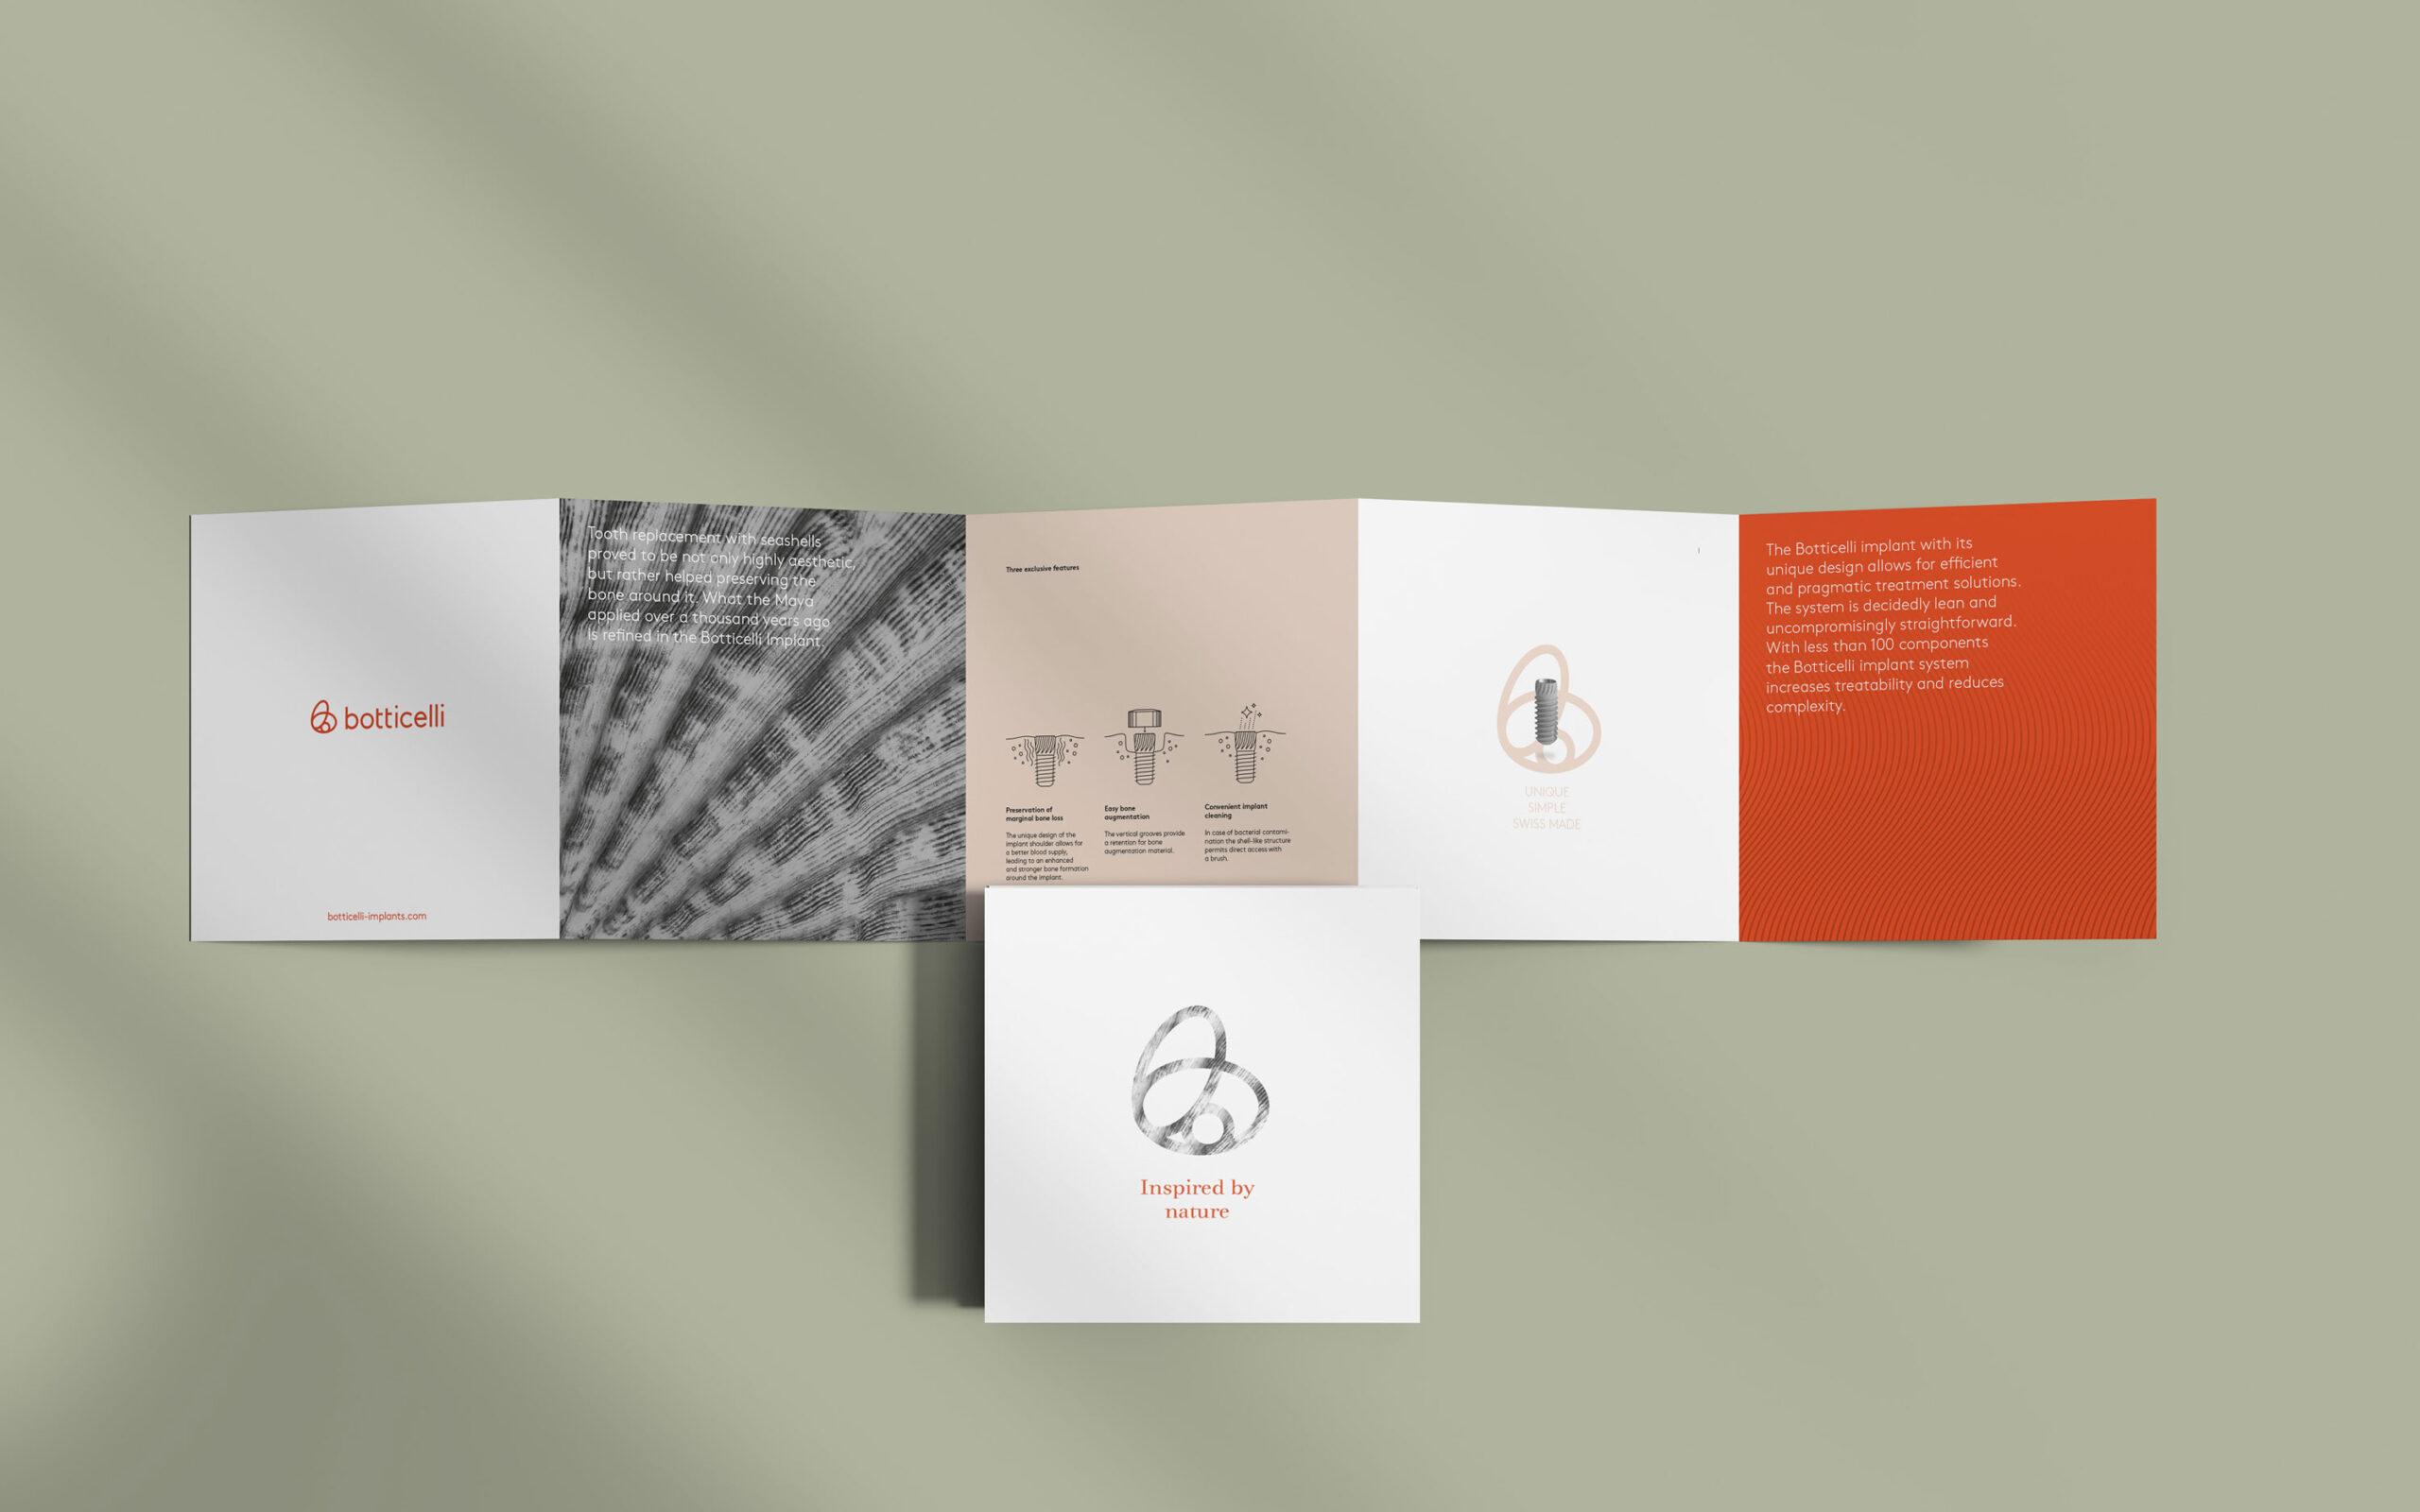 branding_botticelli_007